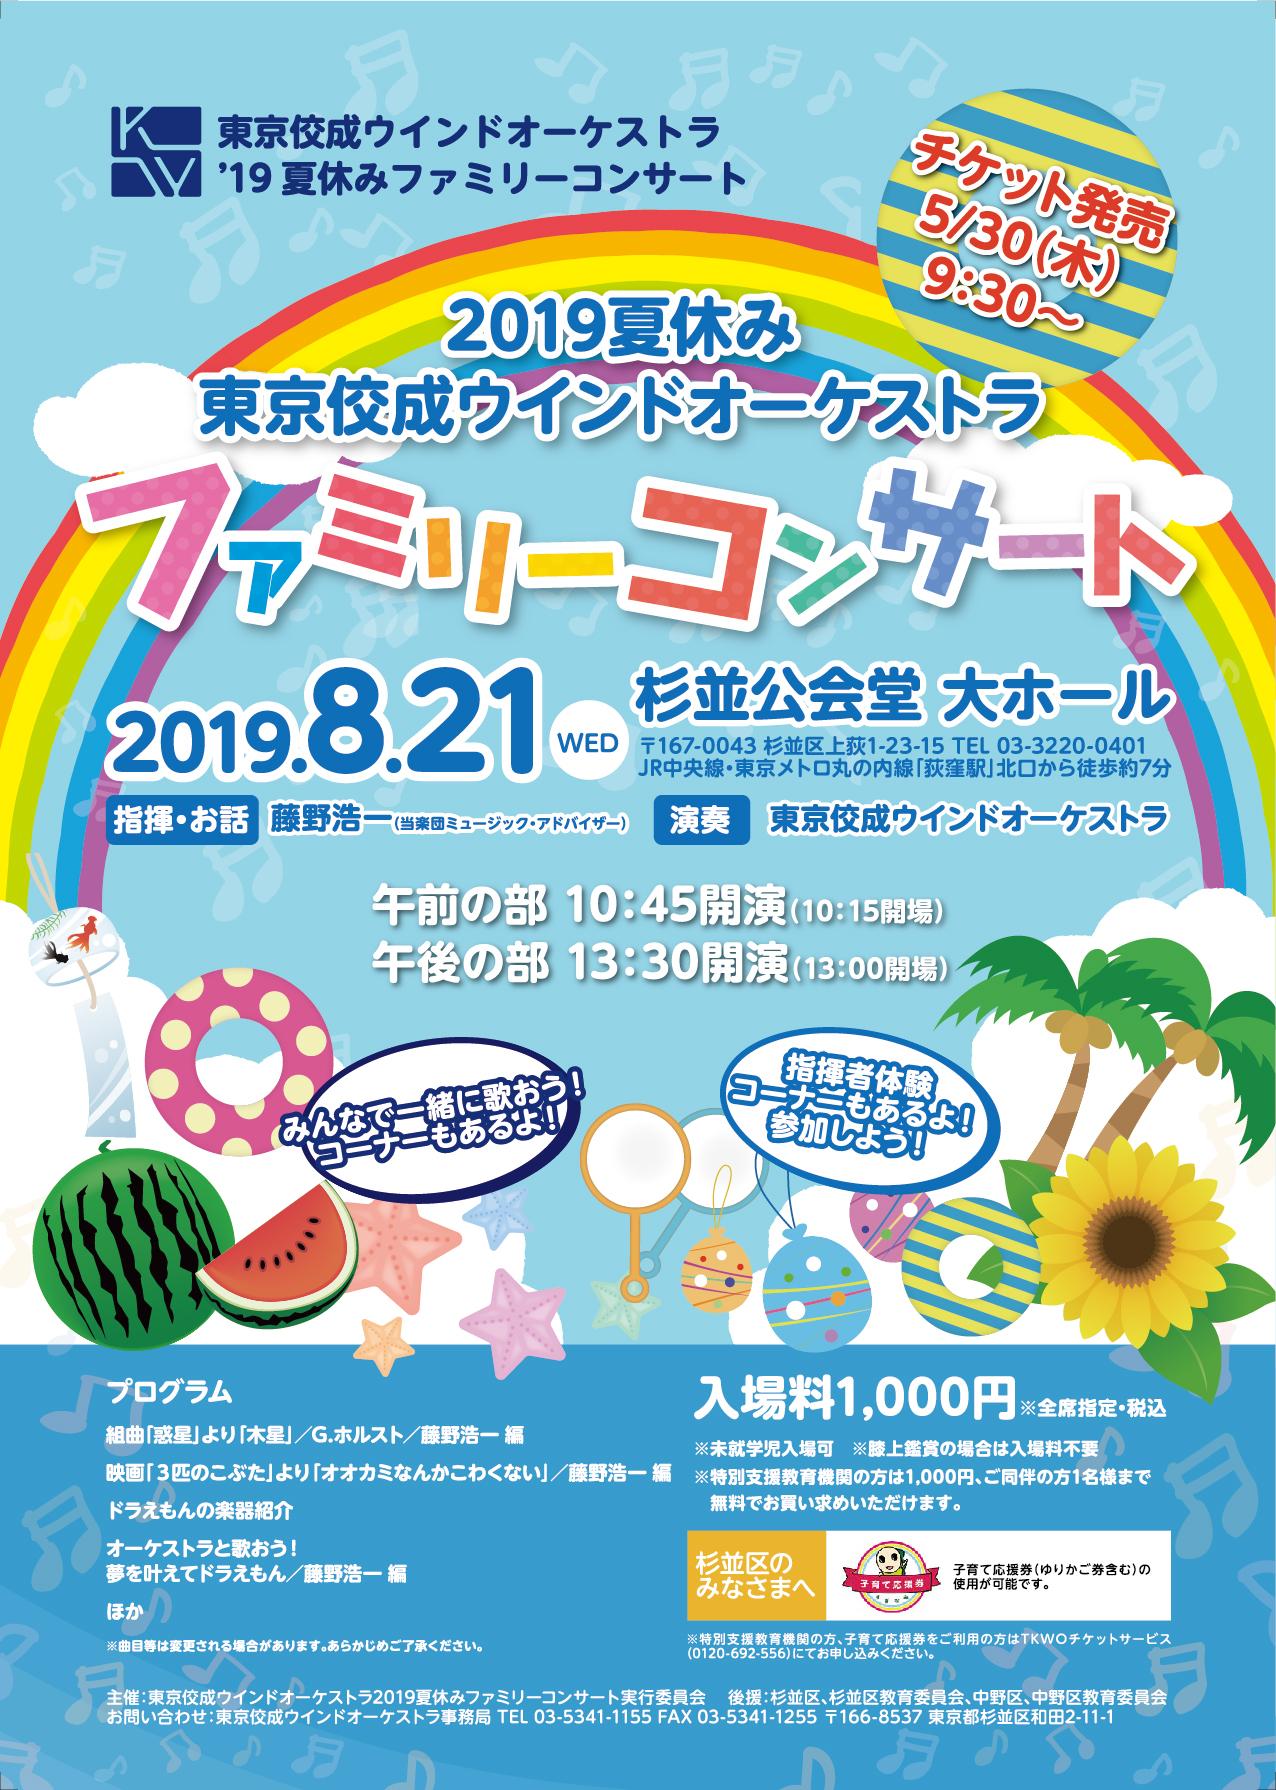 '19 夏休みファミリーコンサート(午前の部)